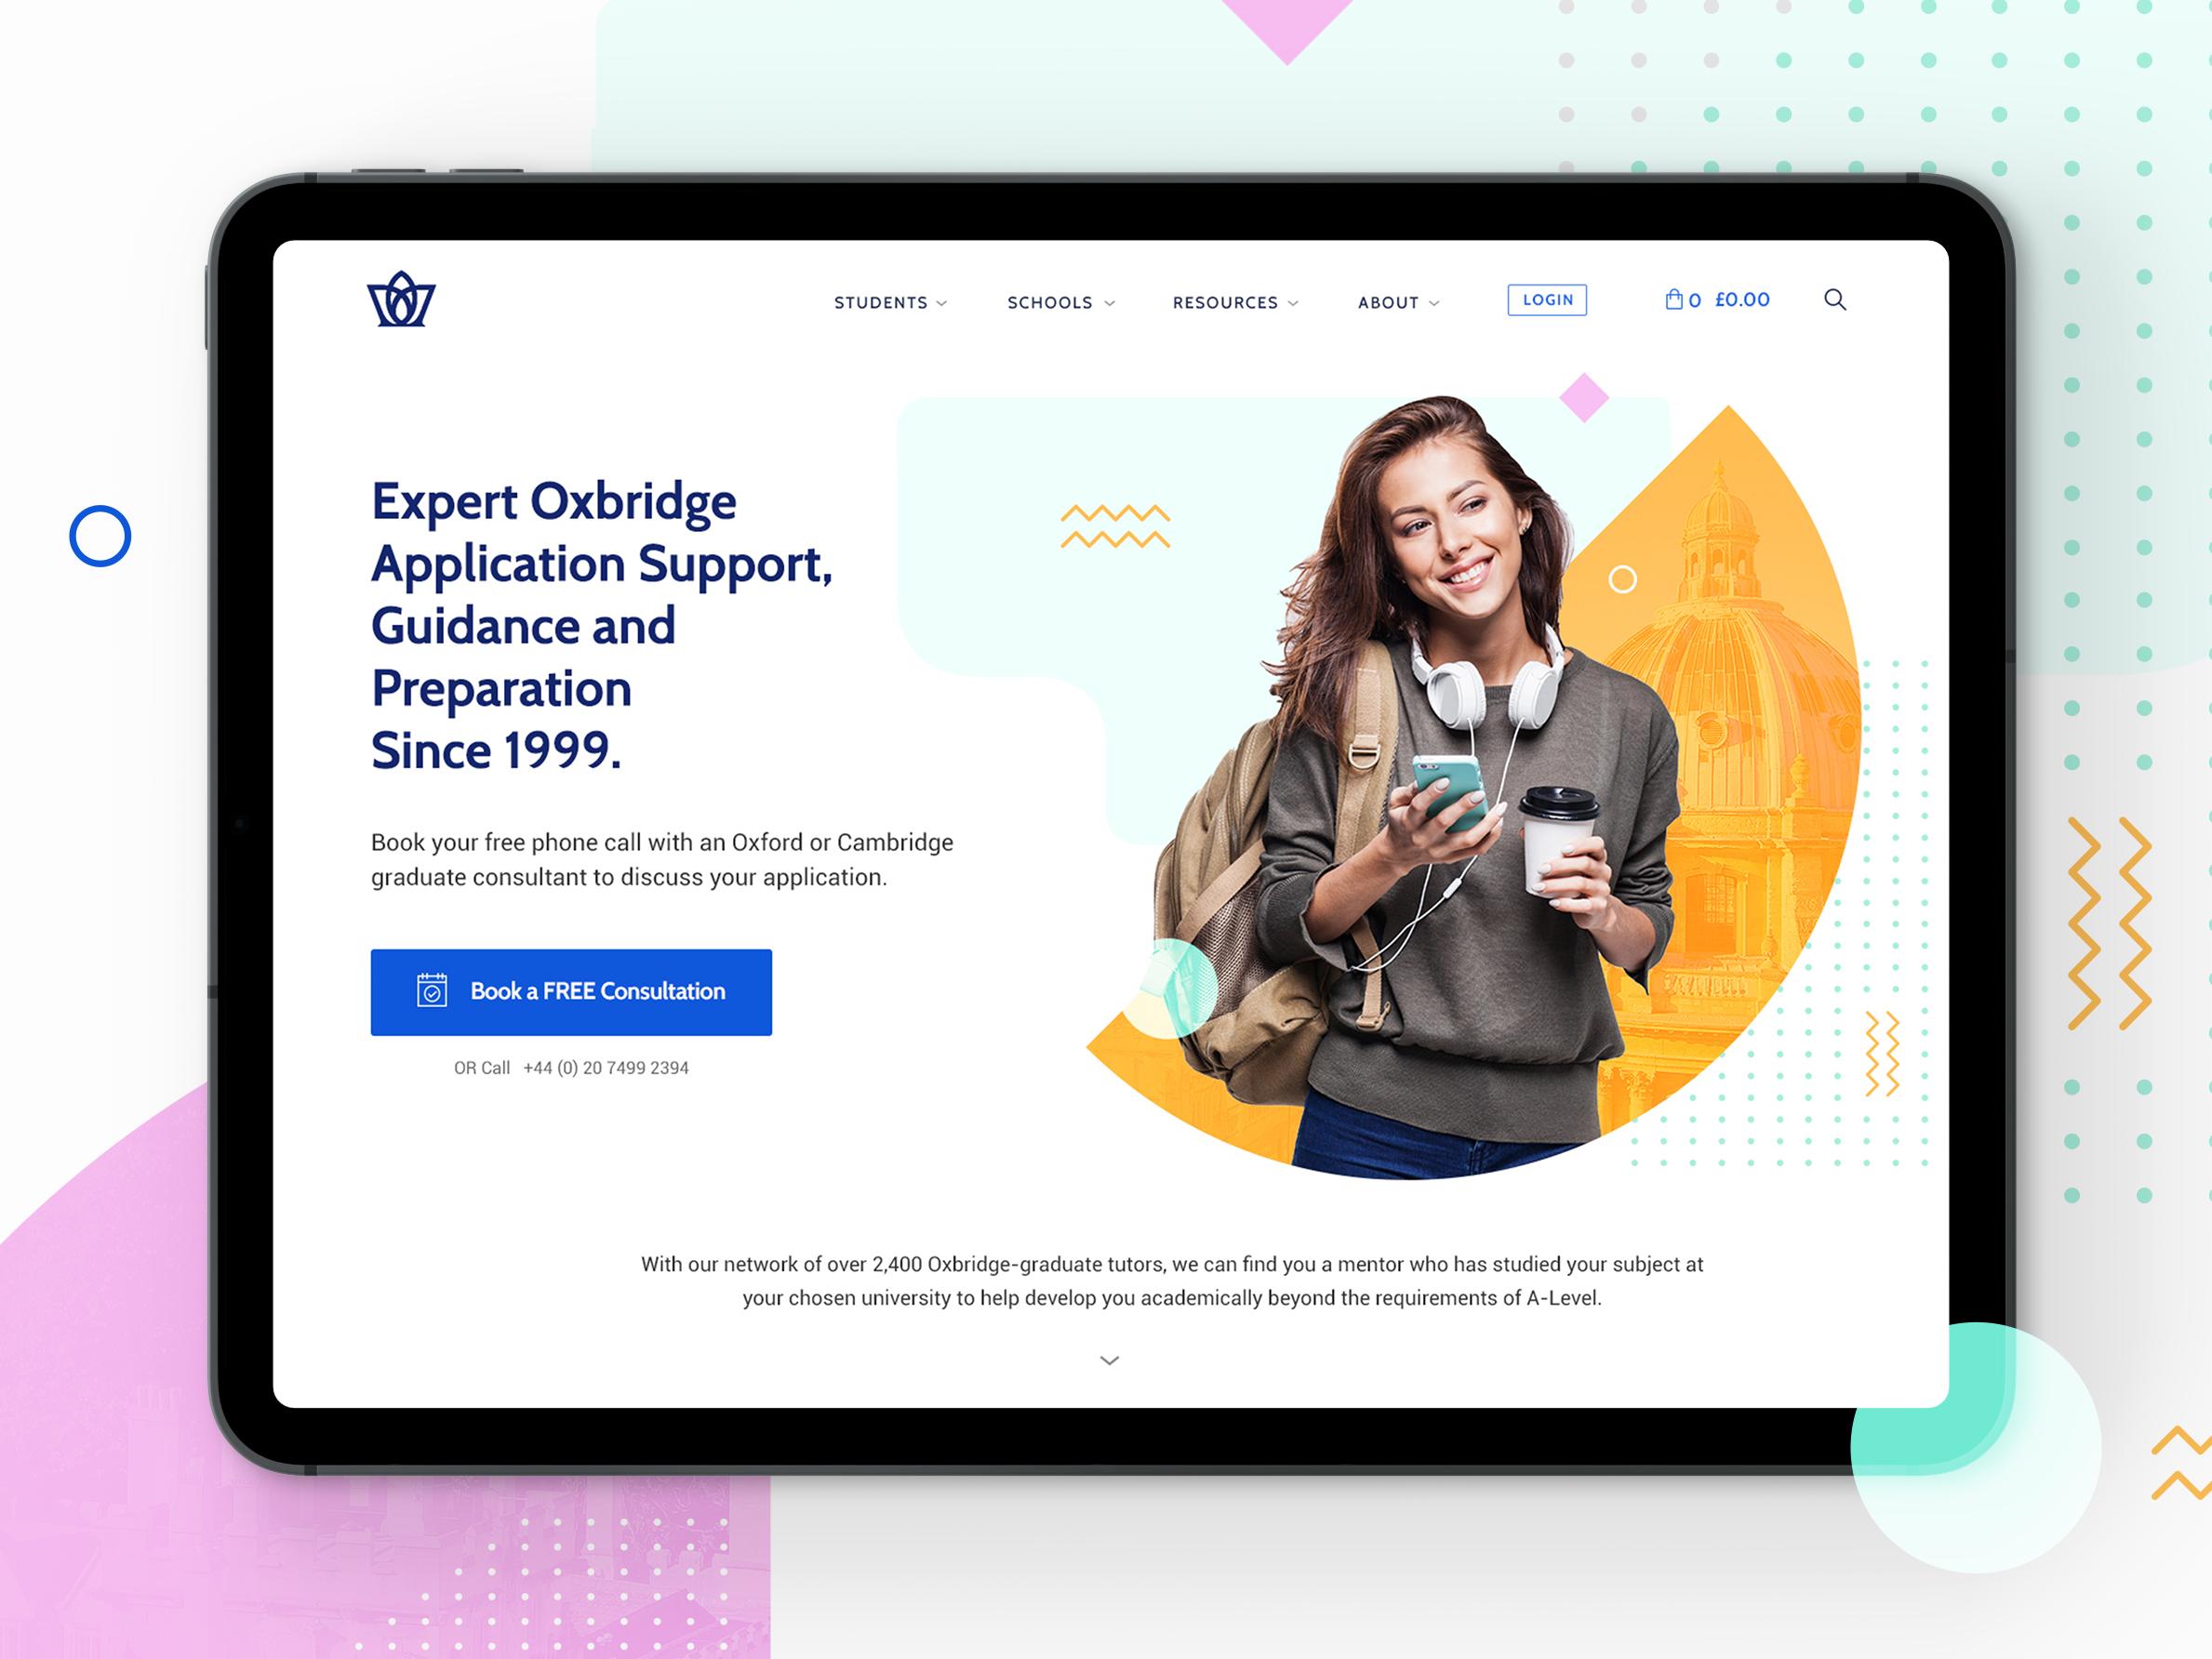 Tutoring Website In 2020 Portfolio Website Design Portfolio Web Design Corporate Web Design